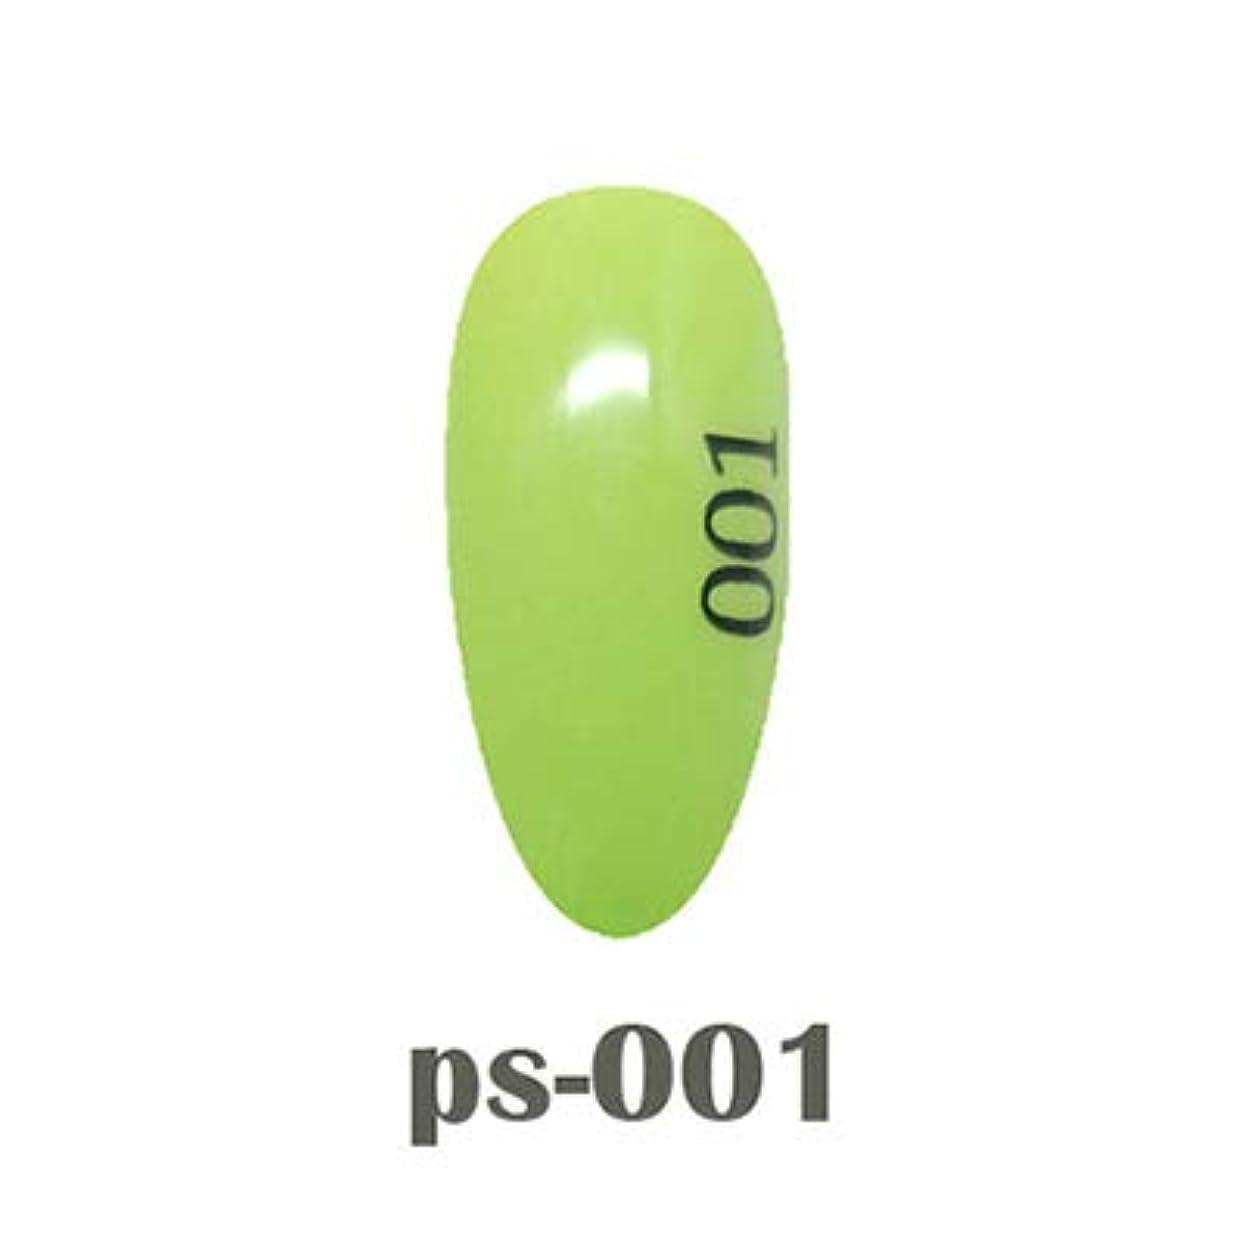 確認してくださいシニスチューインガムアイスジェル カラージェル ポイントパステルシリーズ PP-001 3g